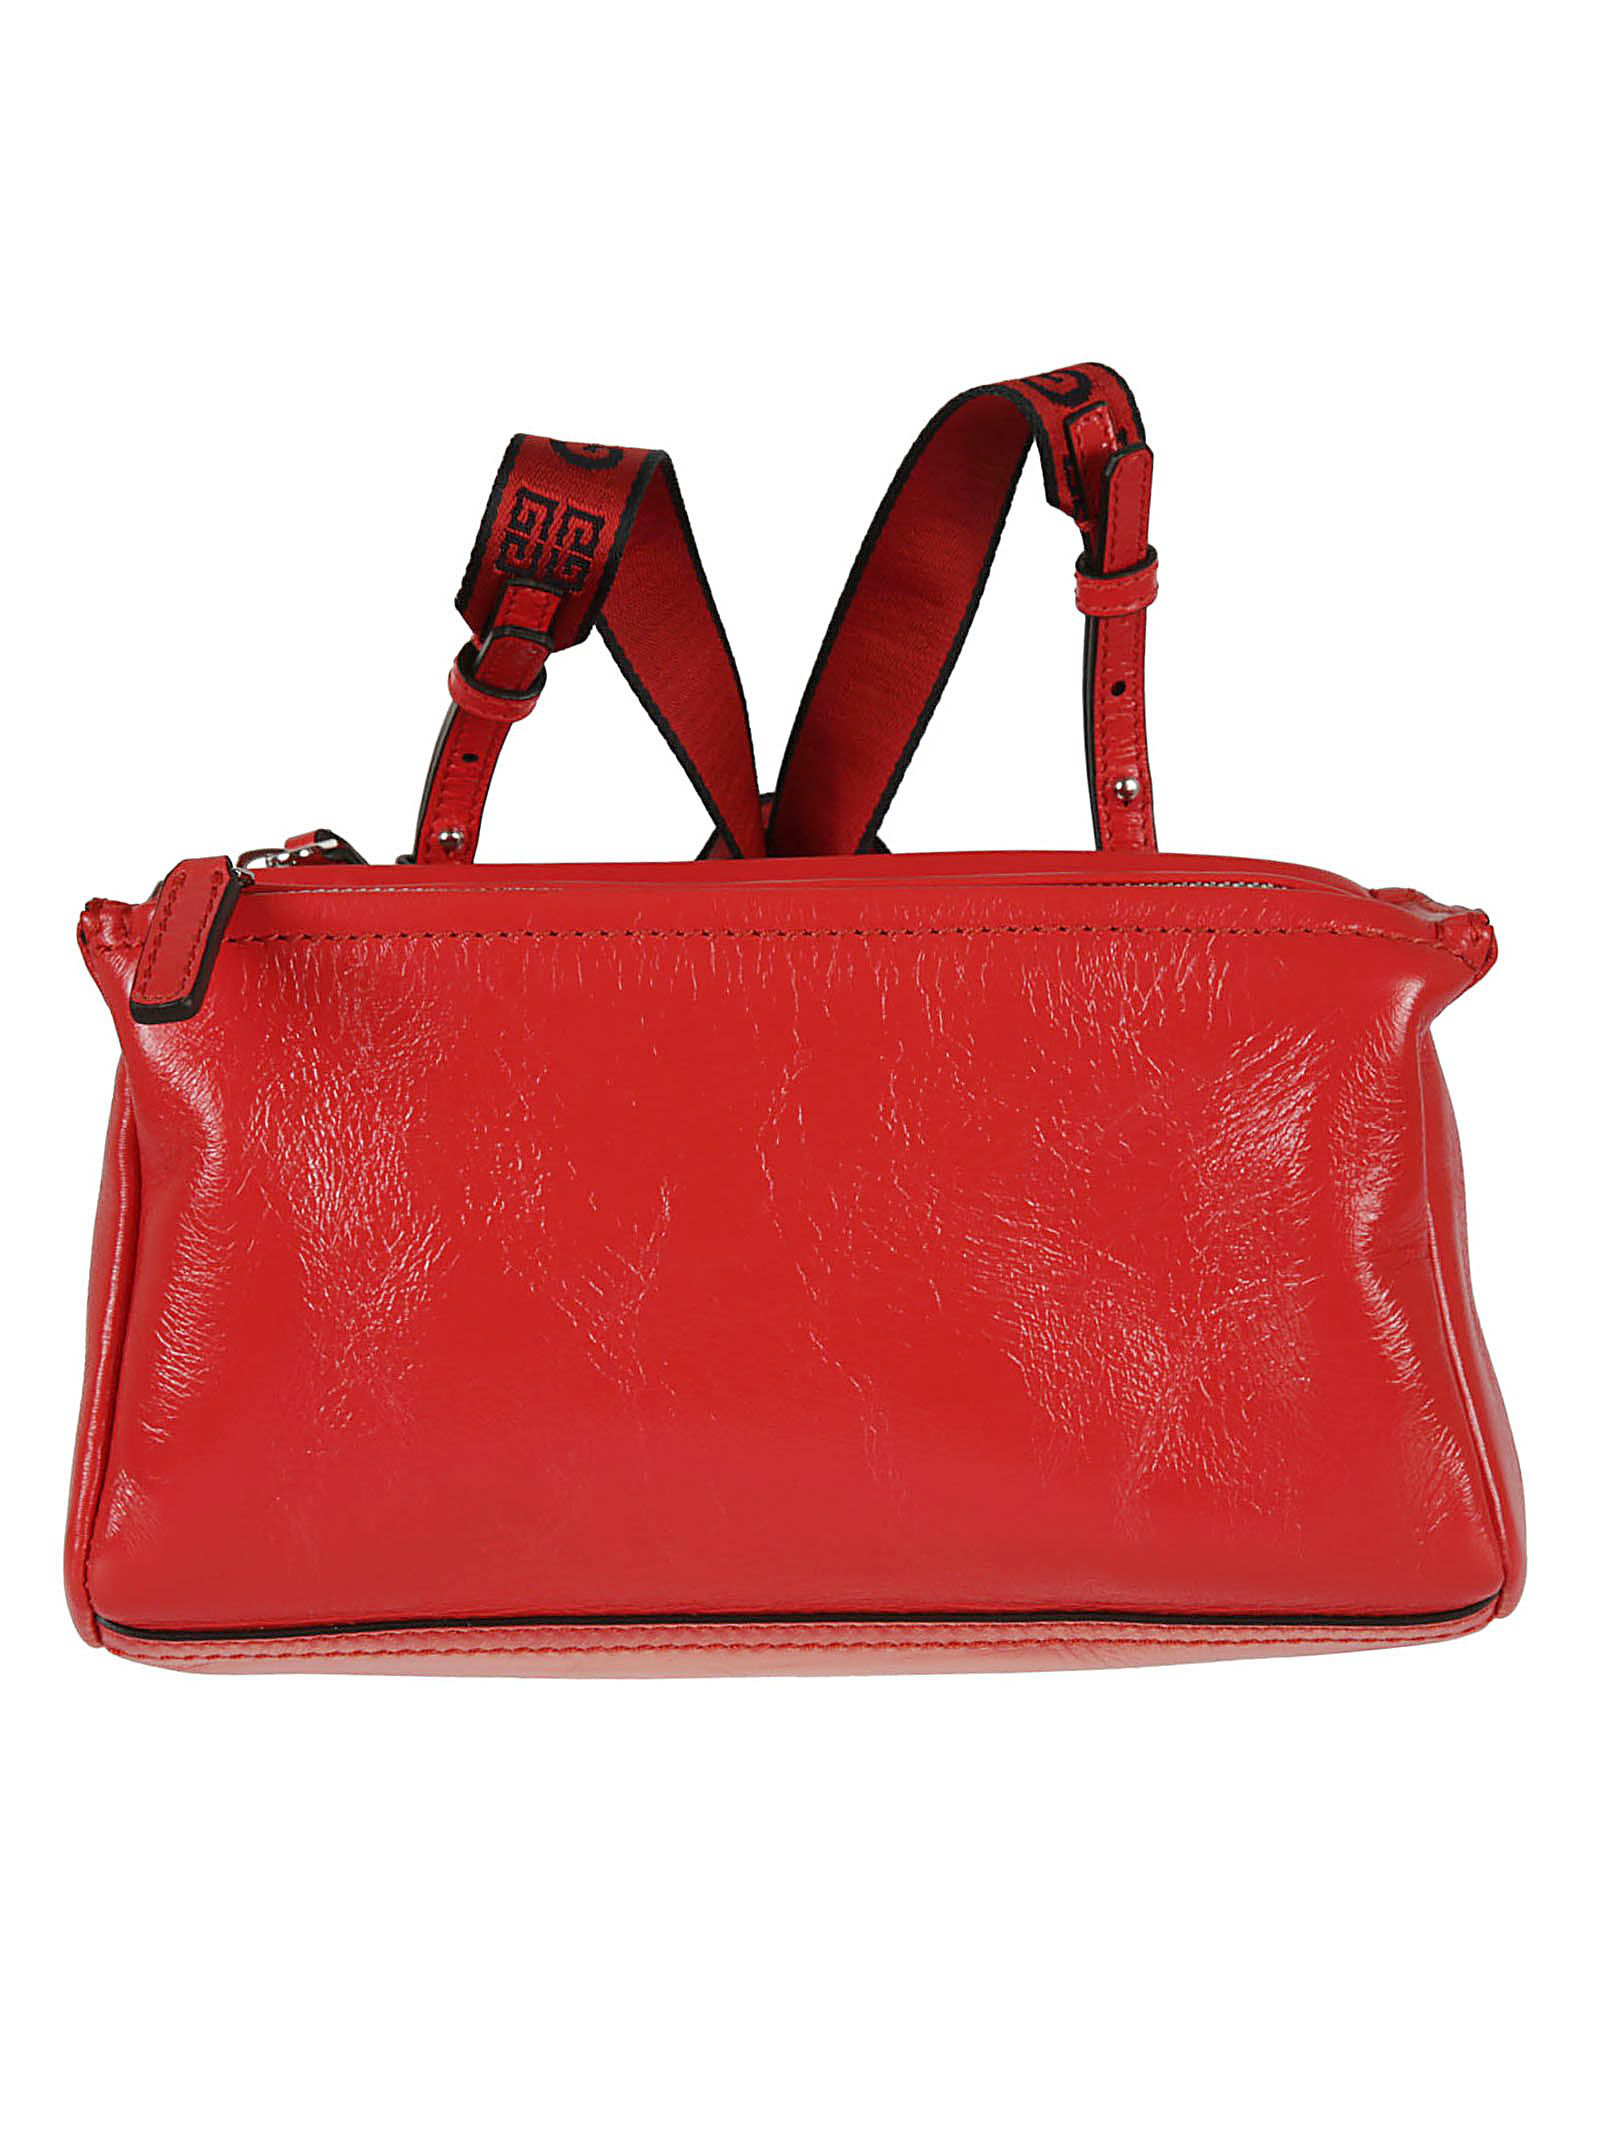 Givenchy 4g Mini Pandora Shoulder Bag In Pop Red